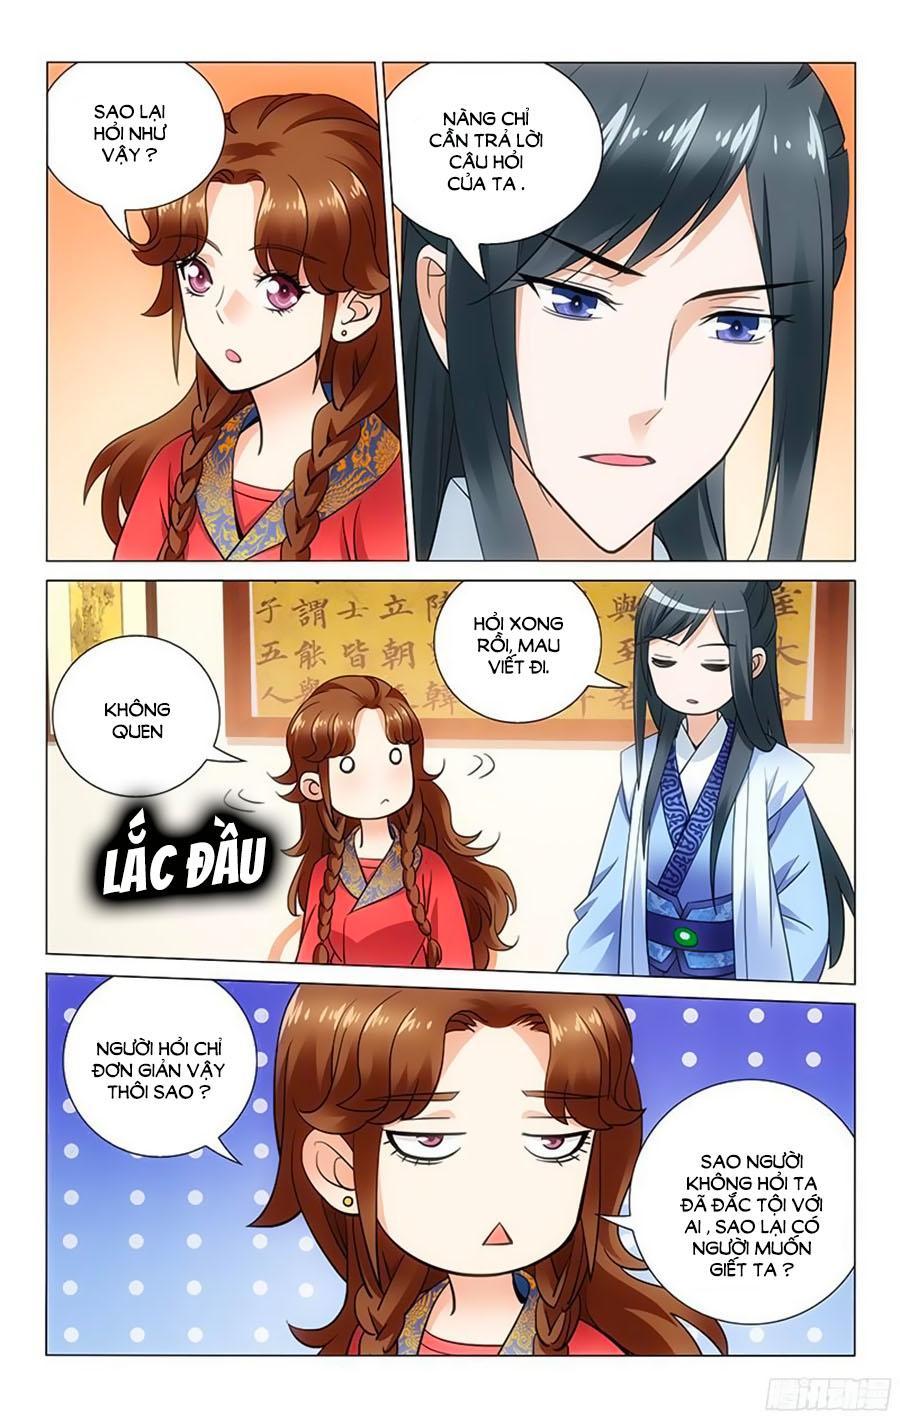 Vương Gia ! Không nên a ! Chap 58 Upload bởi Truyentranhmoi.net